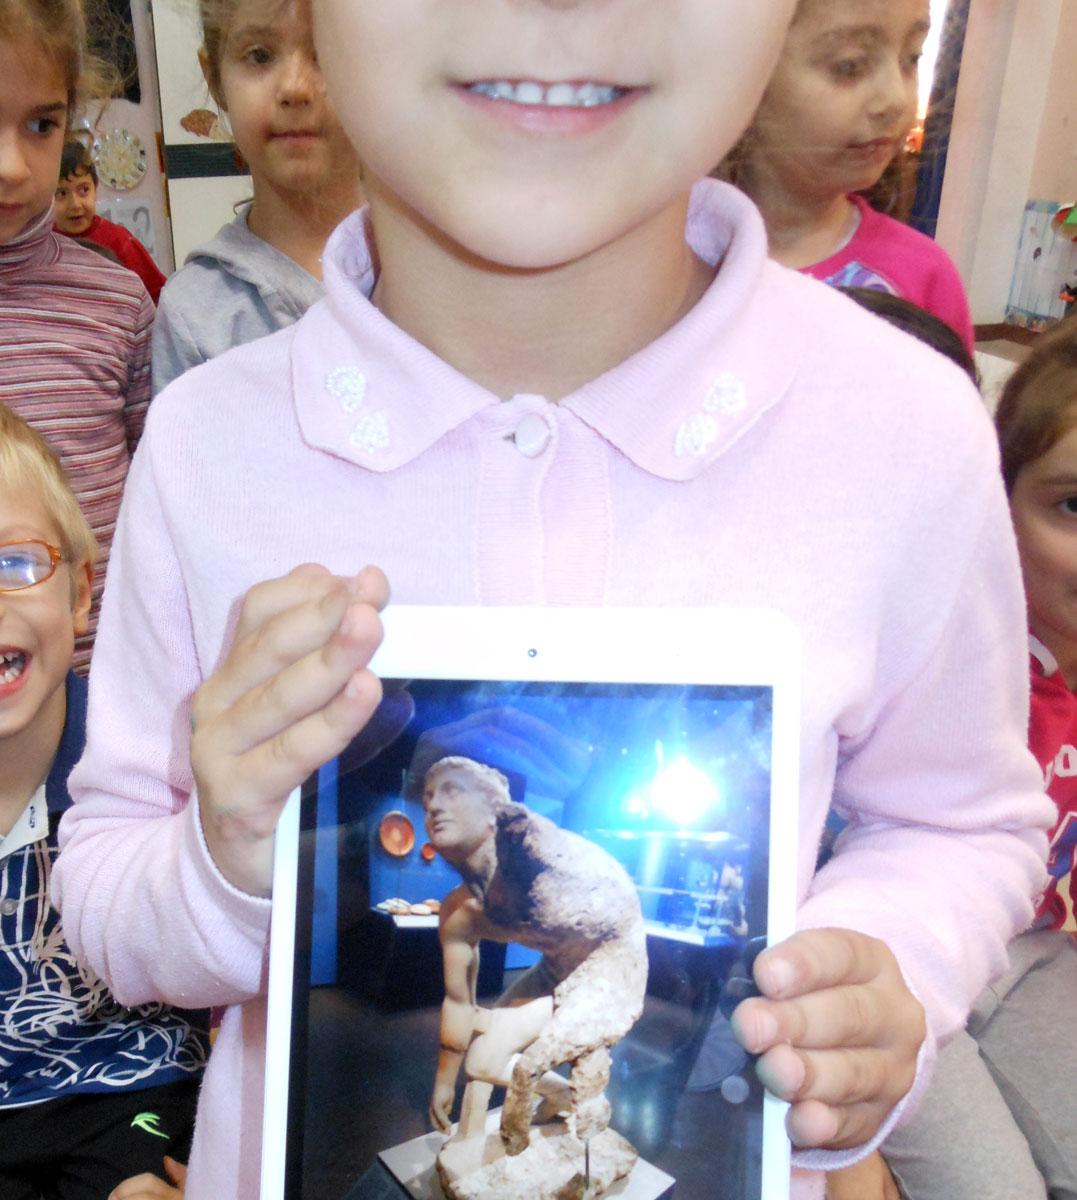 Εικ. 6.  Στιγμιότυπο δραστηριοτήτων διάχυσης των καλών πρακτικών, όπου τα παιδιά παρουσιάζουν μέσω tablet, σε εκδήλωση με γονείς, φωτογραφικές λήψεις από την έκθεση το «Ναυάγιο των Αντικυθήρων». Πρόγραμμα μύησης των νηπίων στις φυσικές επιστήμες και την τεχνολογία στο πλαίσιο της ερμηνείας μουσειακών αντικειμένων, με την έγκριση του Τμήματος Πολιτιστικών Θεμάτων της Διεύθυνσης Πρωτοβάθμιας Εκπαίδευσης Ανατ. Αττικής (αρχείο Β. Δεληγιαννίδη).